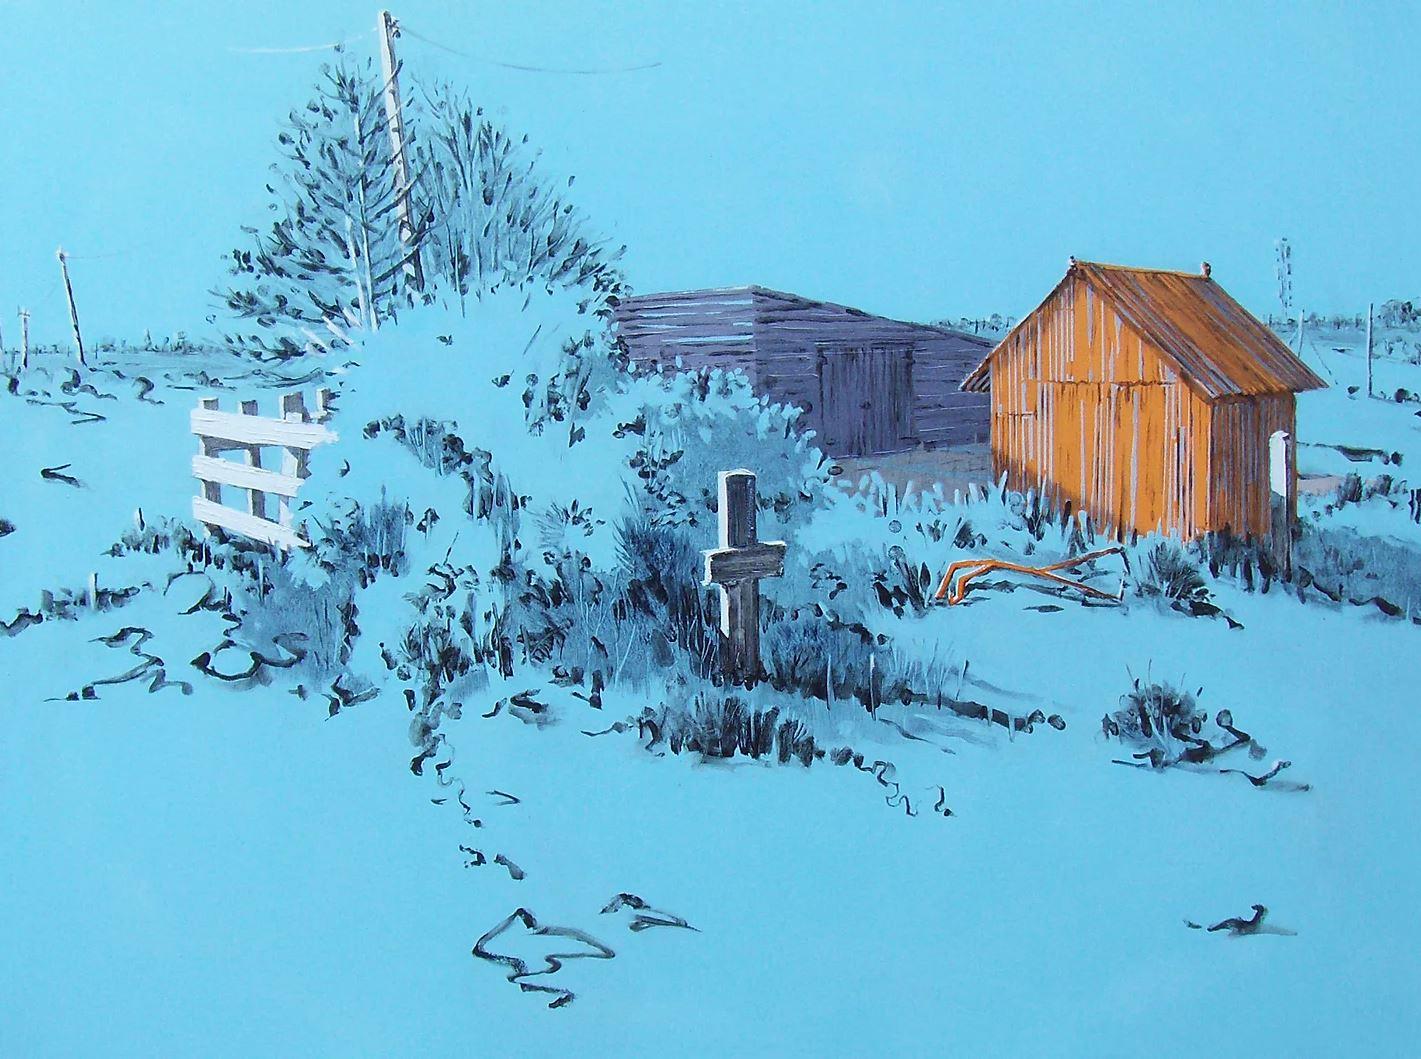 Blue sheds